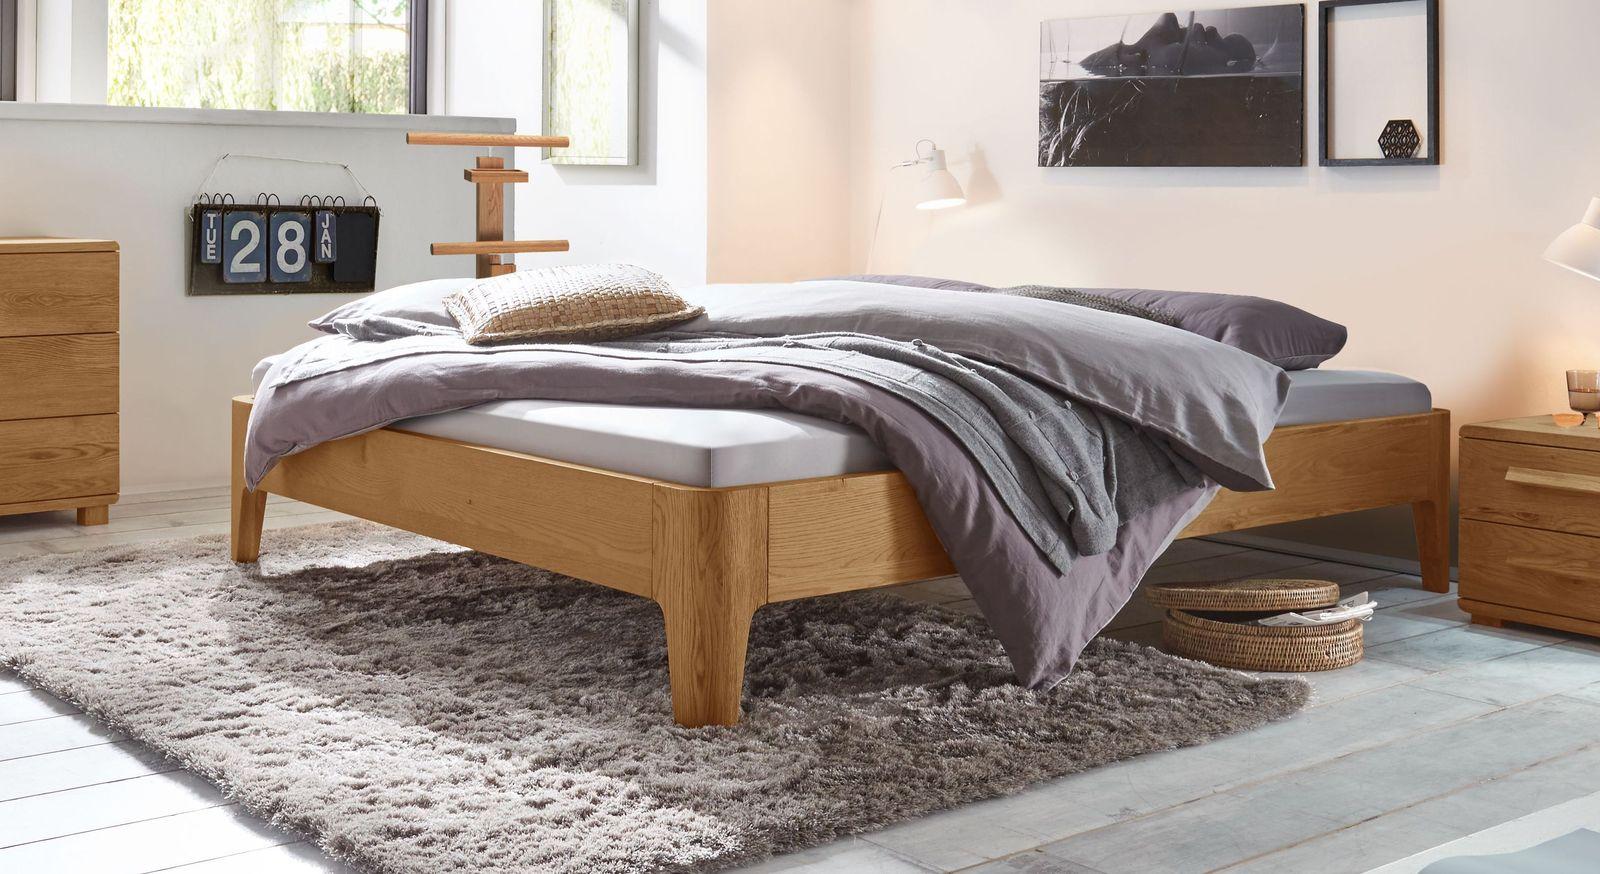 Fantastisch Gönnen Sie Sich Etwas Neues Für Ihr Schlafzimmer U2013 Die Elegante  Massivholzliege Wird Ihren Anforderungen Garantiert Gerecht.